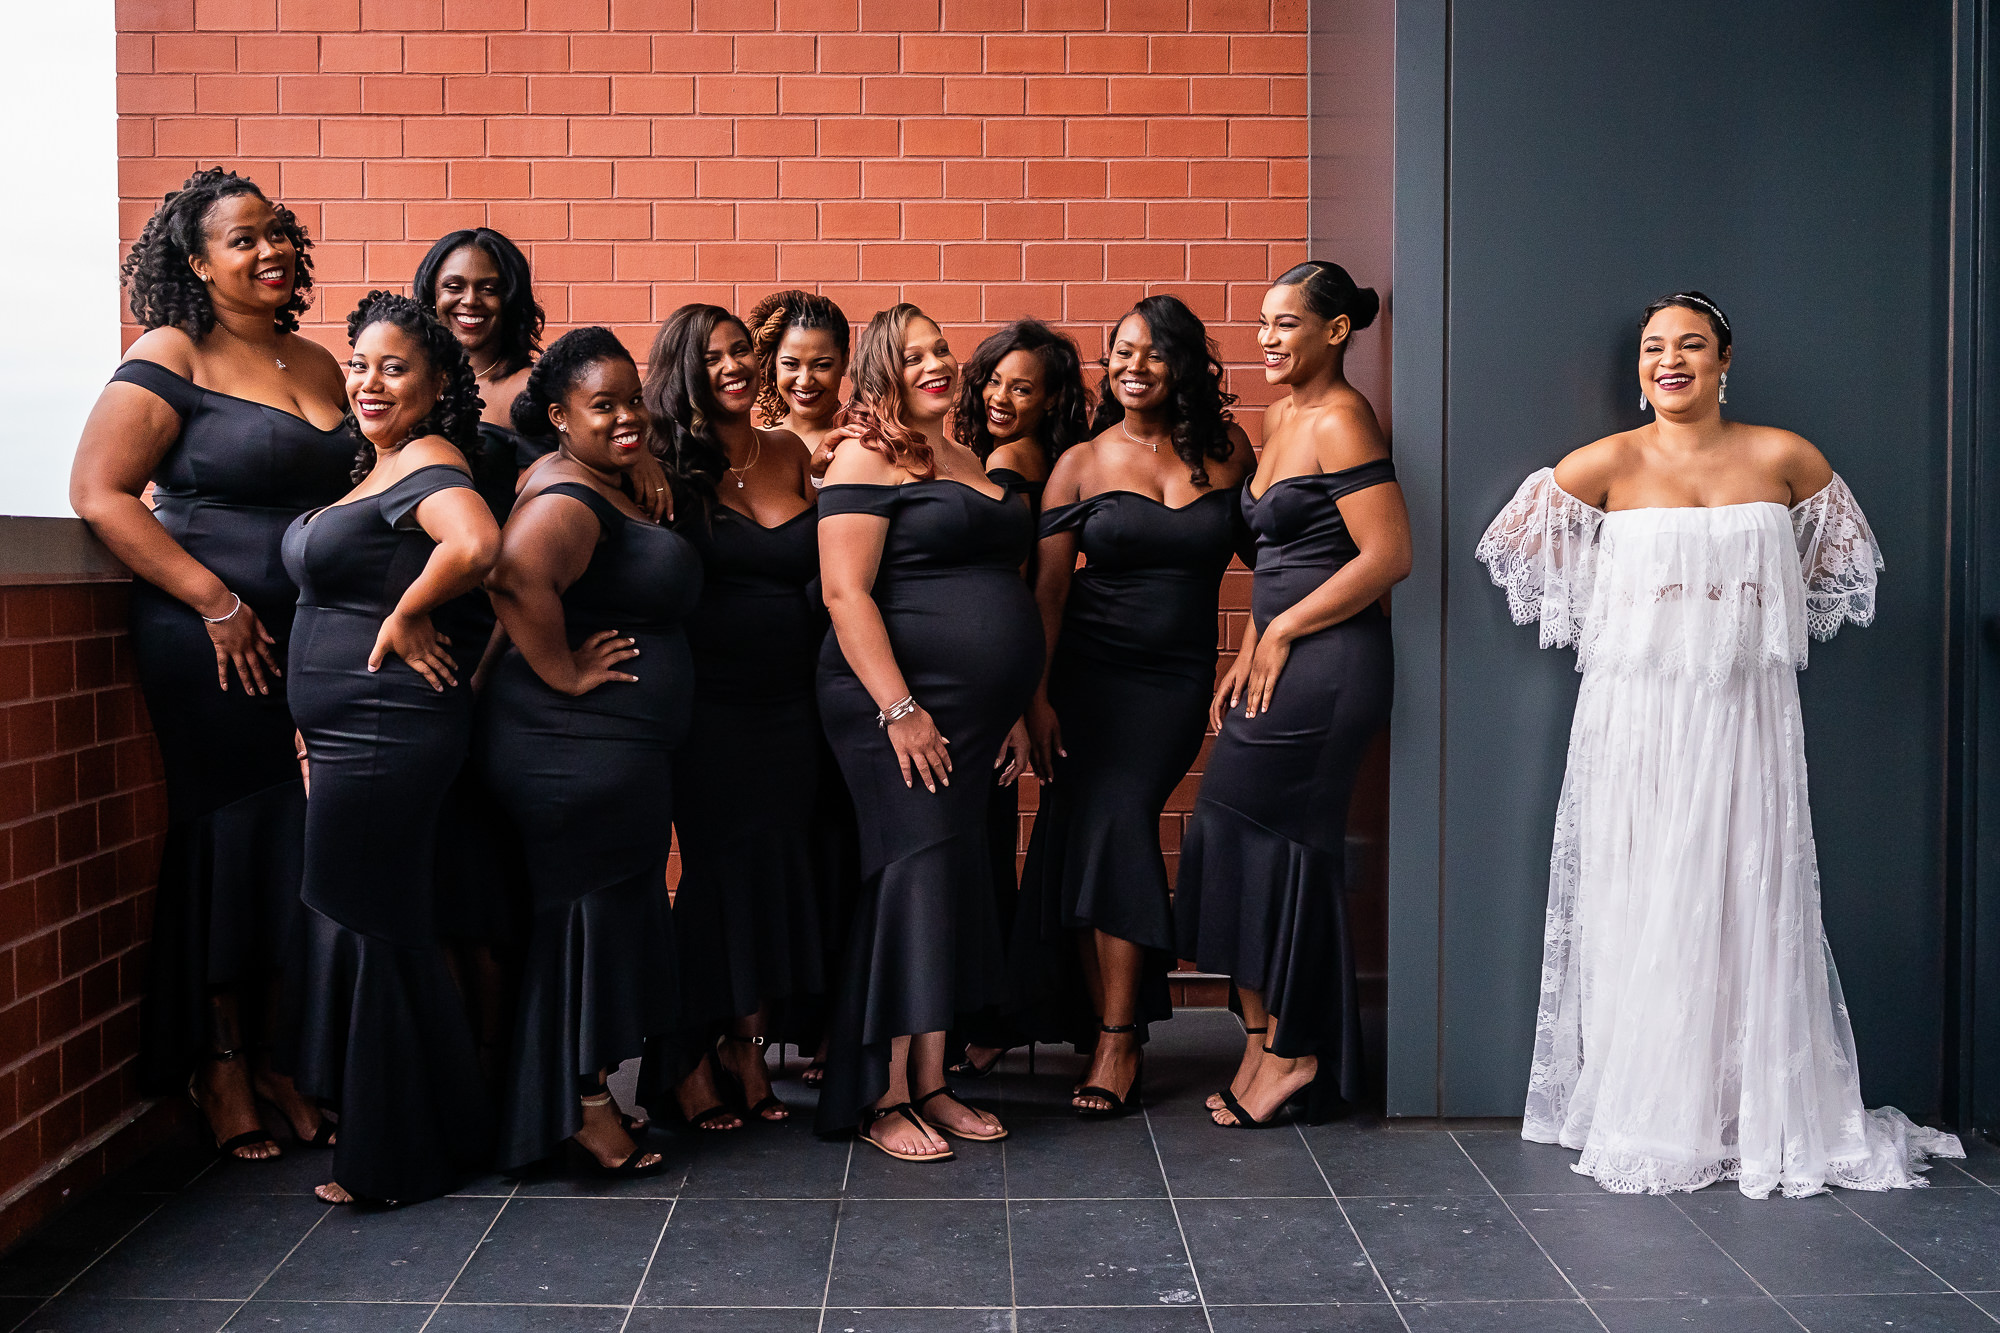 007-007-christopher-jason-studios-university-of-maryland-wedding-raheem-Devaughn-african-american-bride-and-groom.jpg